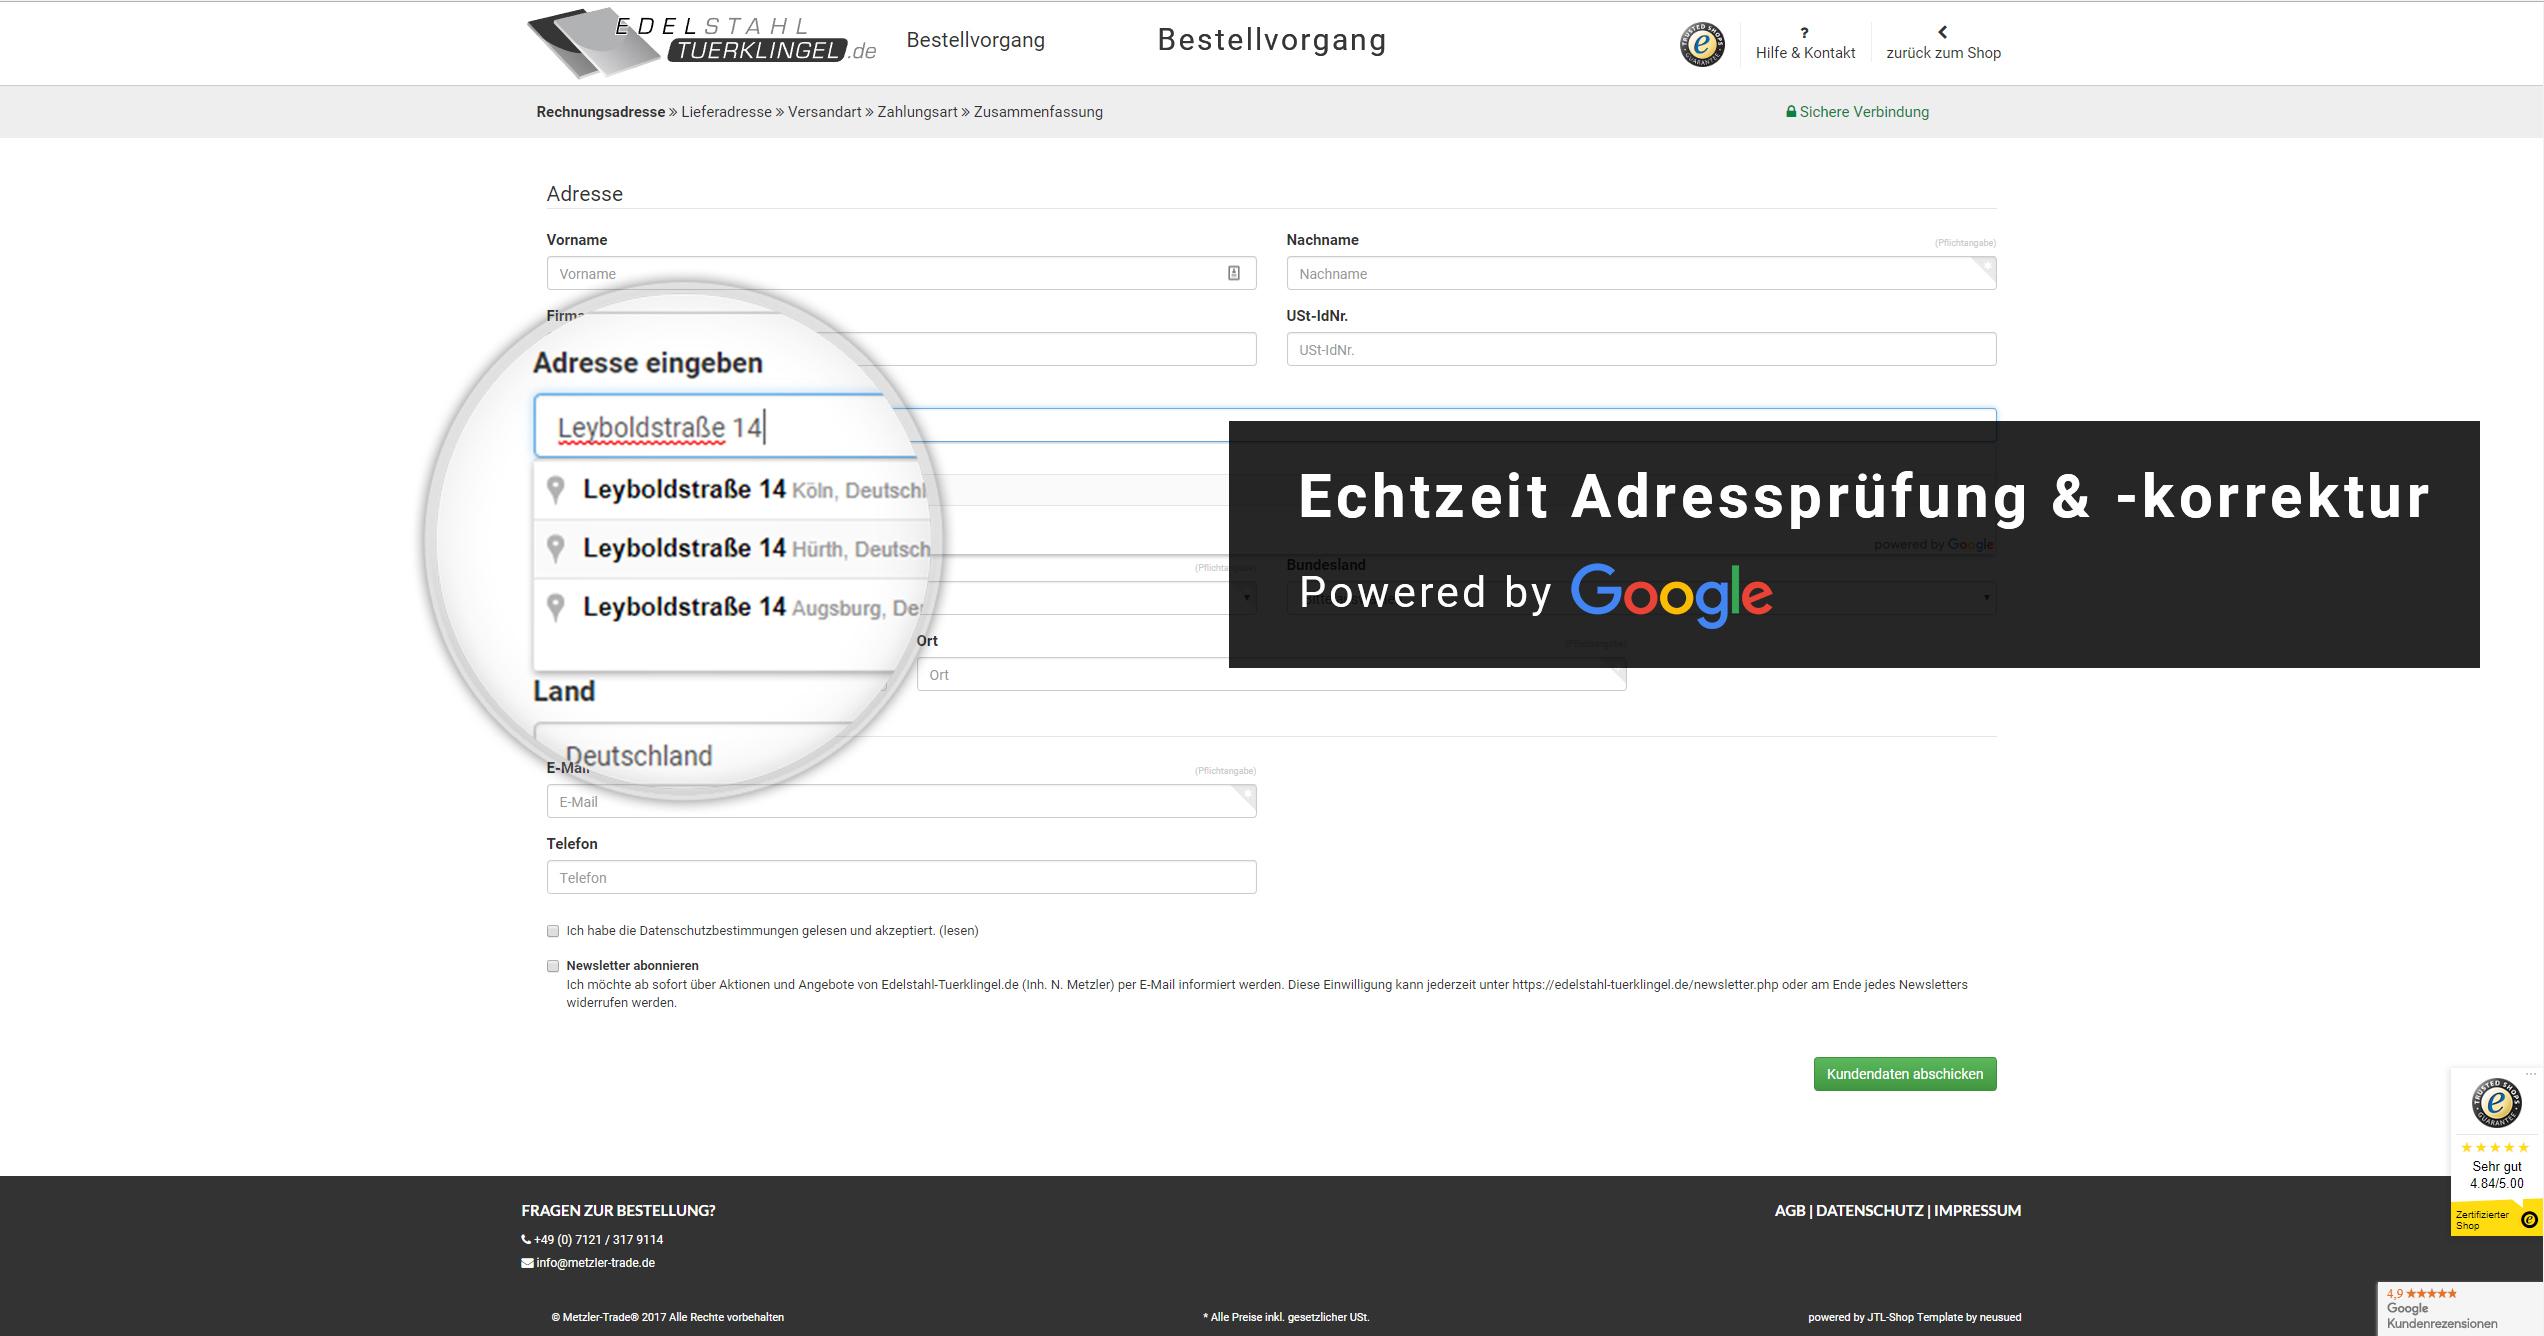 Prüfung der Rechnungs- & Lieferadresse in Echtzeit über die Google Maps API.